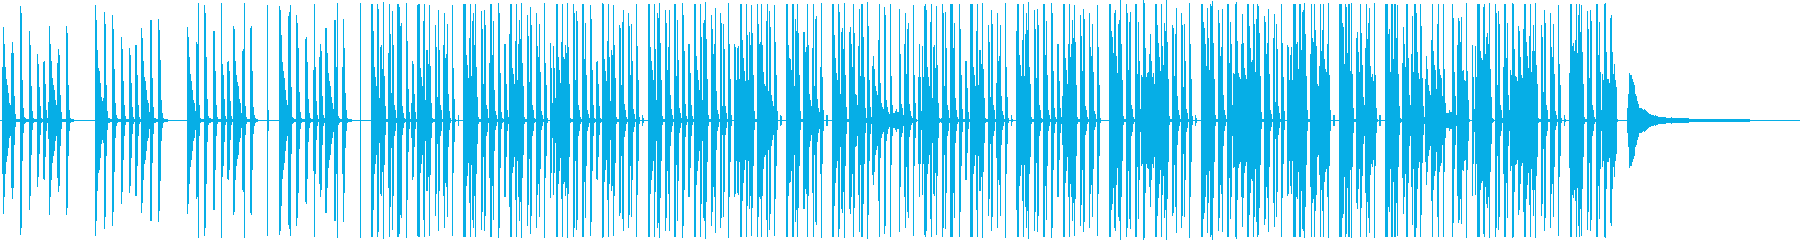 明るく軽快でシンプルなピアノポップスの再生済みの波形